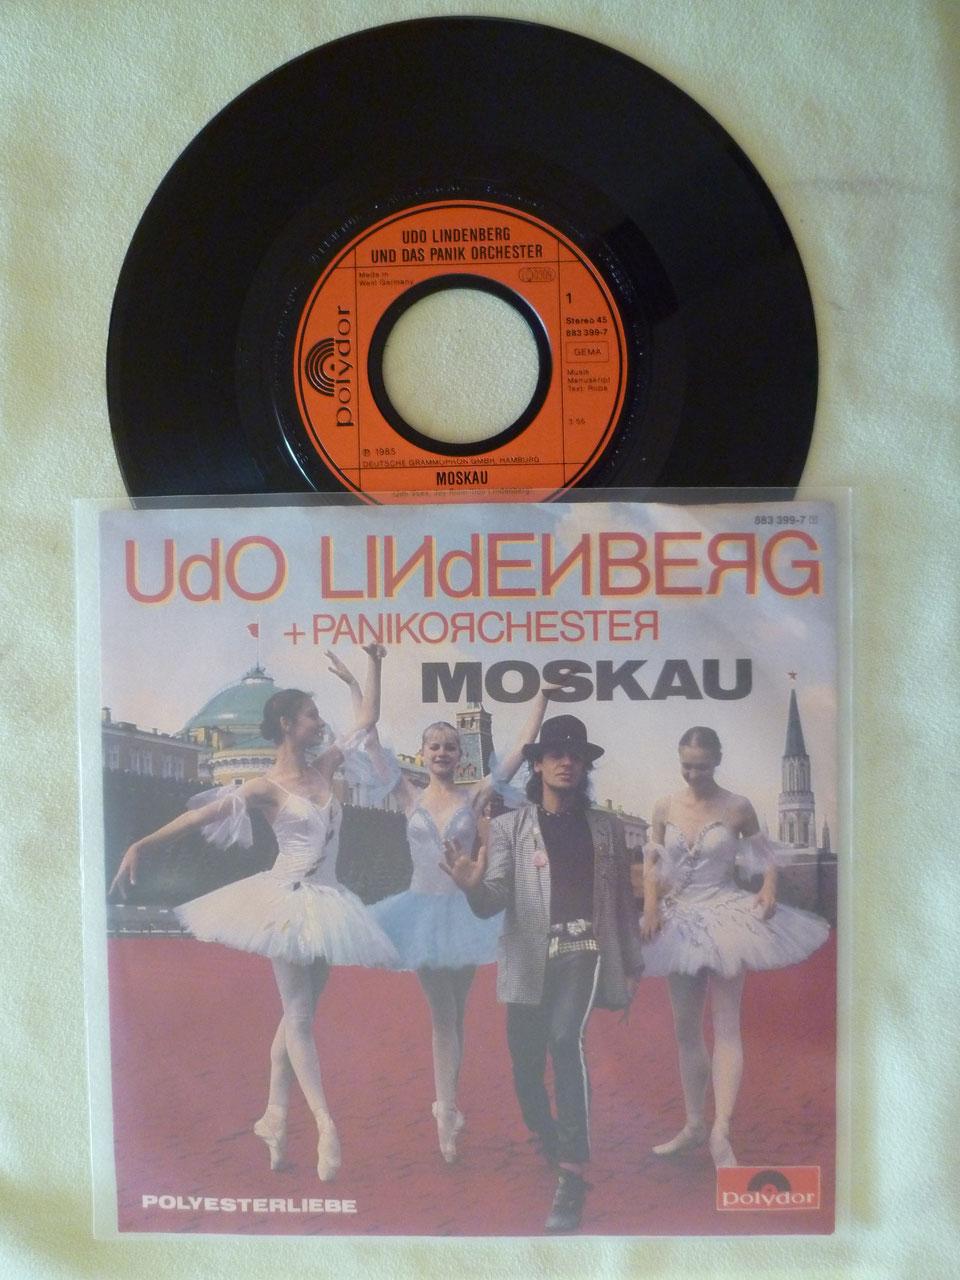 Udo lindenberg single